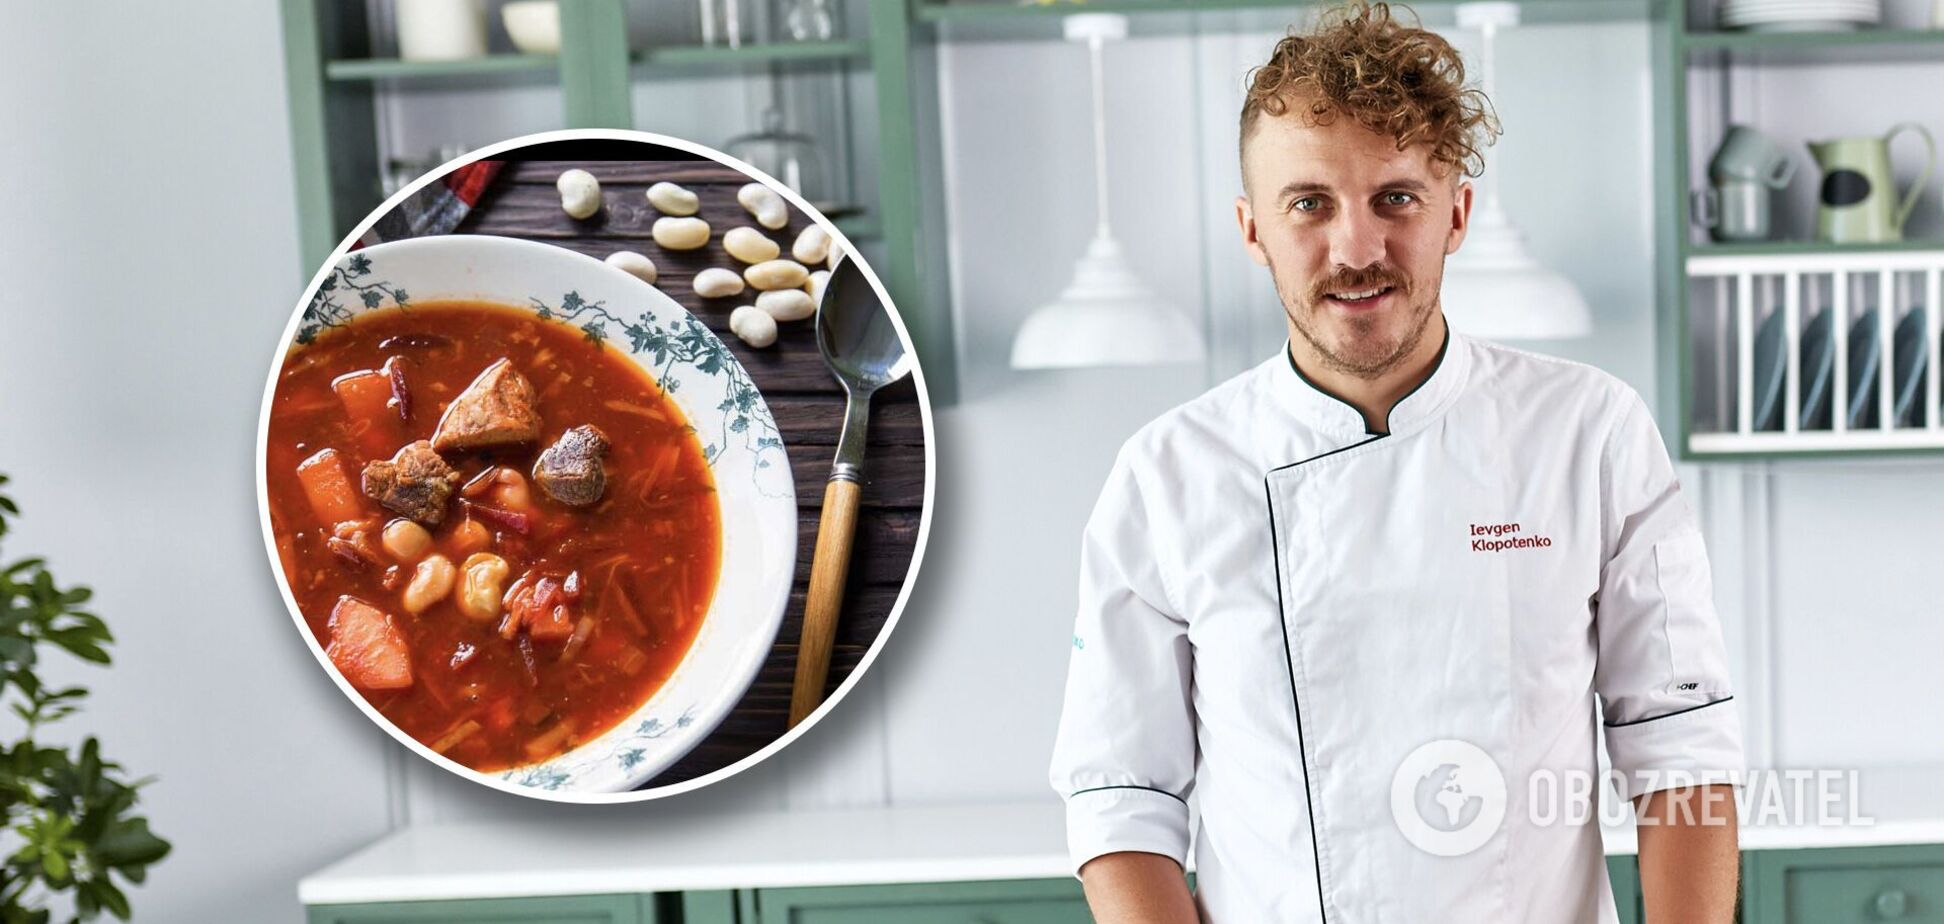 Евгений Клопотенко развеял мифы об украинской кухне: региональных рецептов борща не существует. Интервью